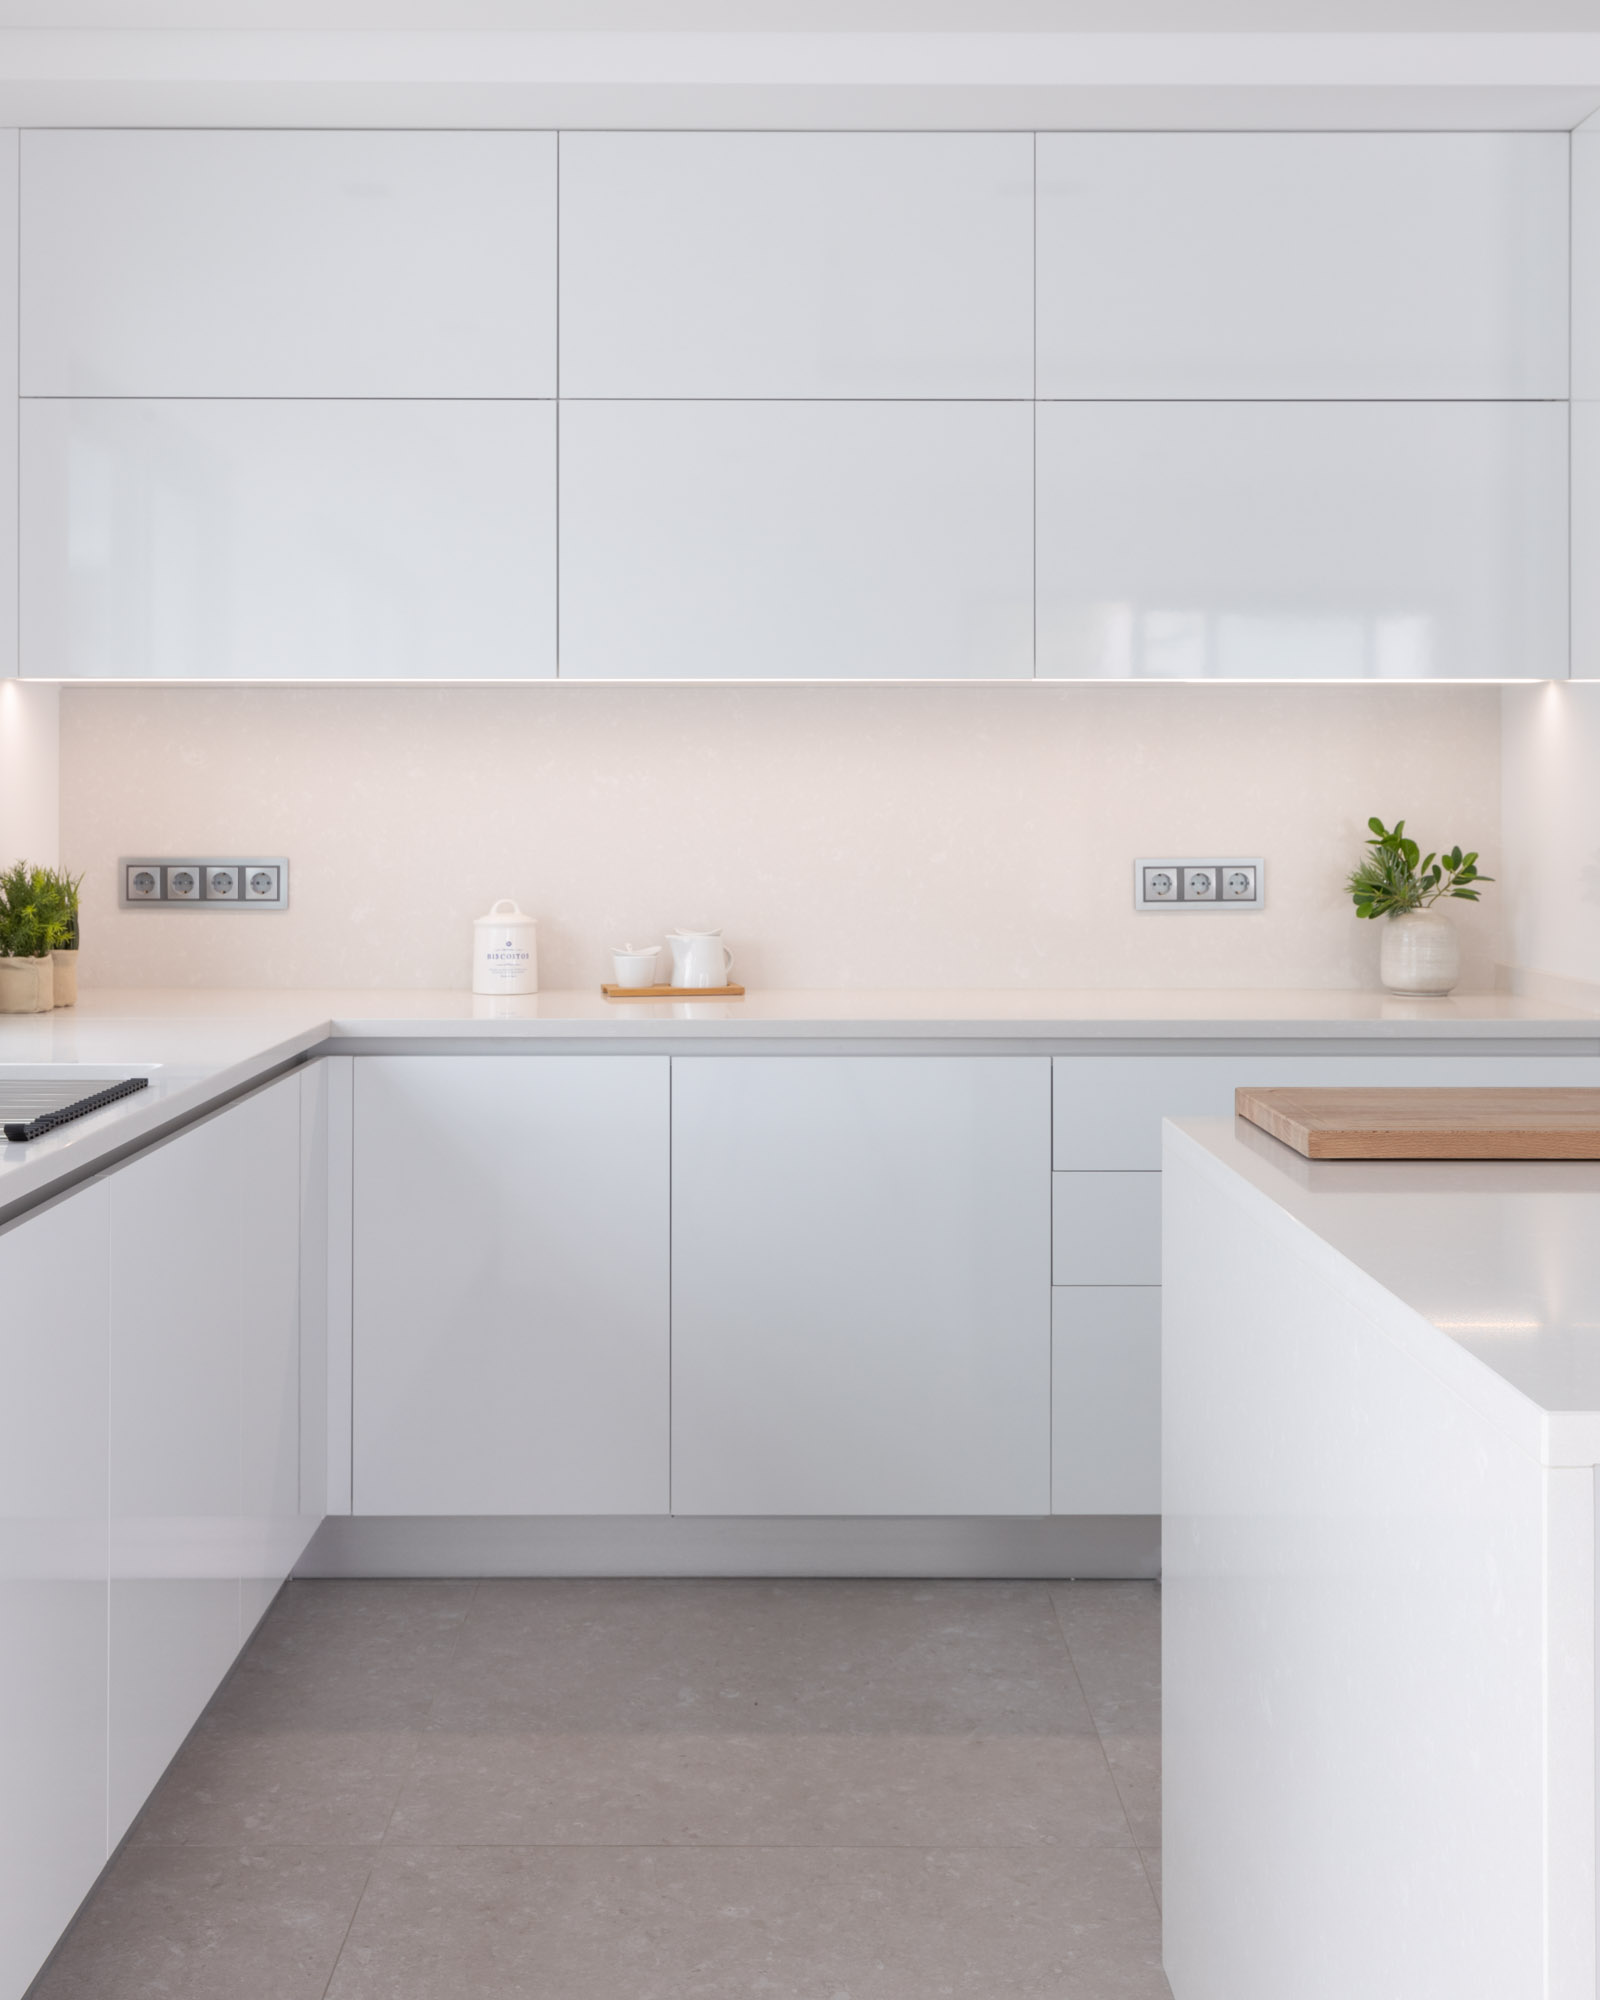 Cozinha em termolaminado branco brilho, com móveis basculantes, bancada e forro de parede em Silestone Yukon